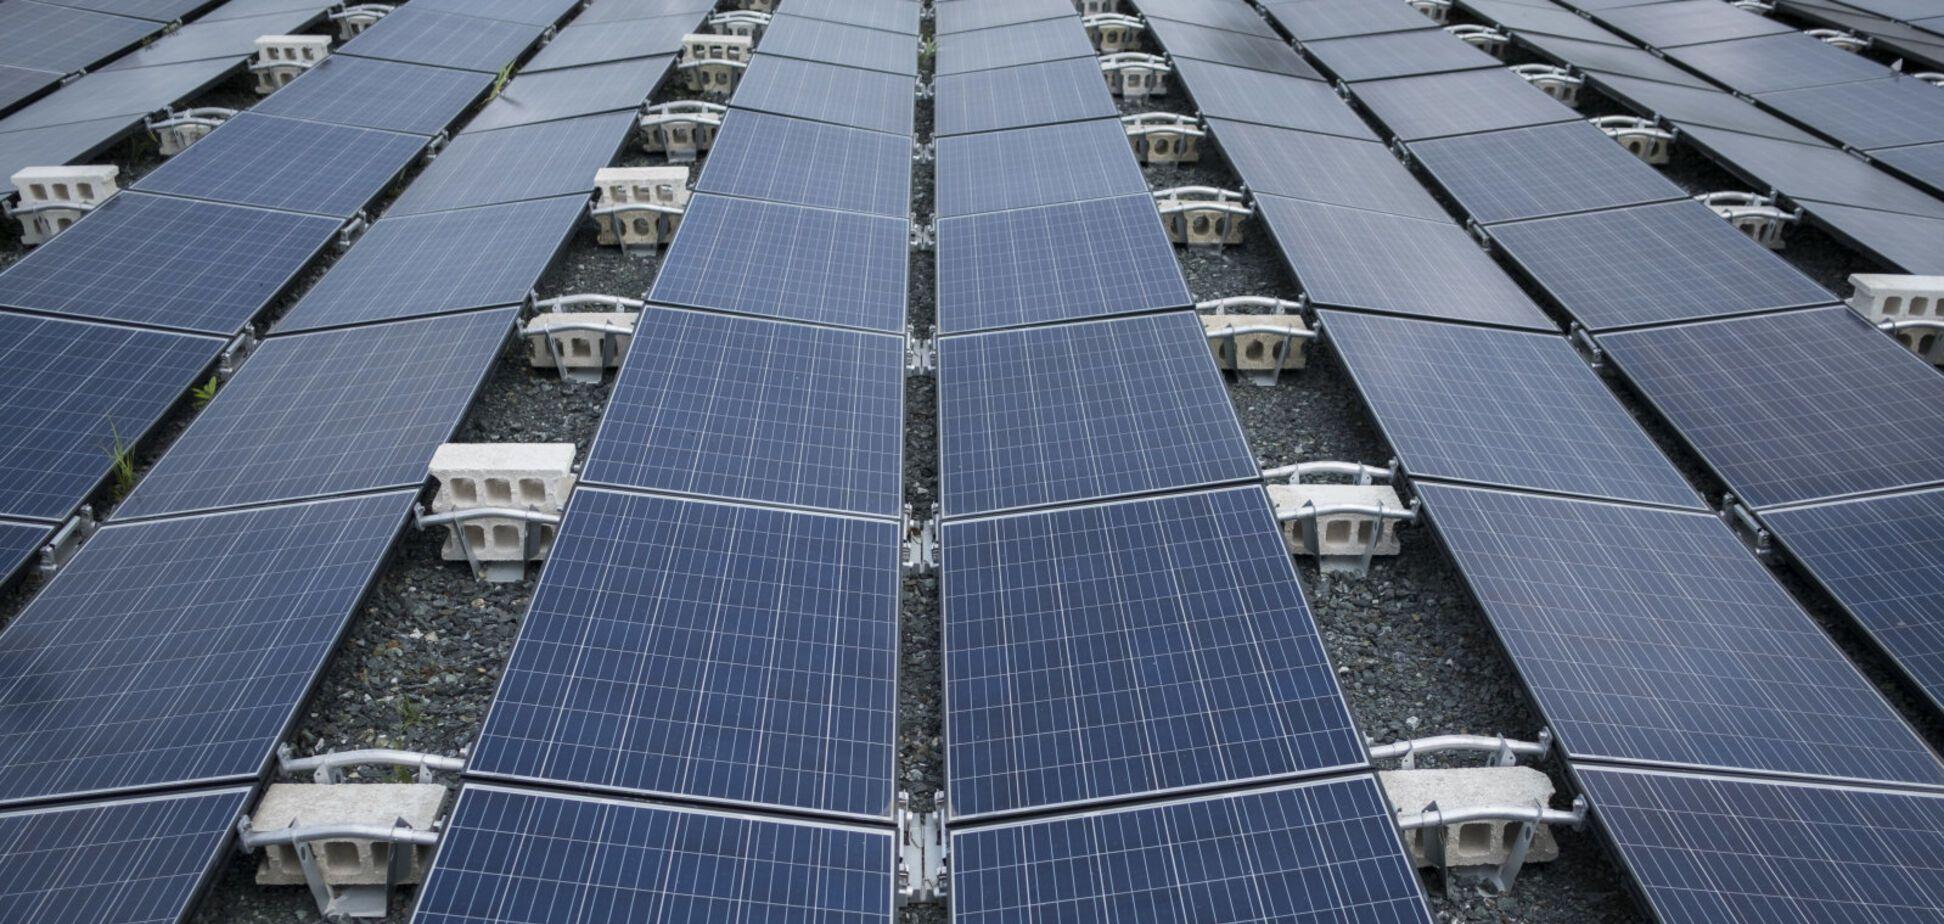 Panasonic раптово відмовилася створювати сонячні панелі разом з Tesla